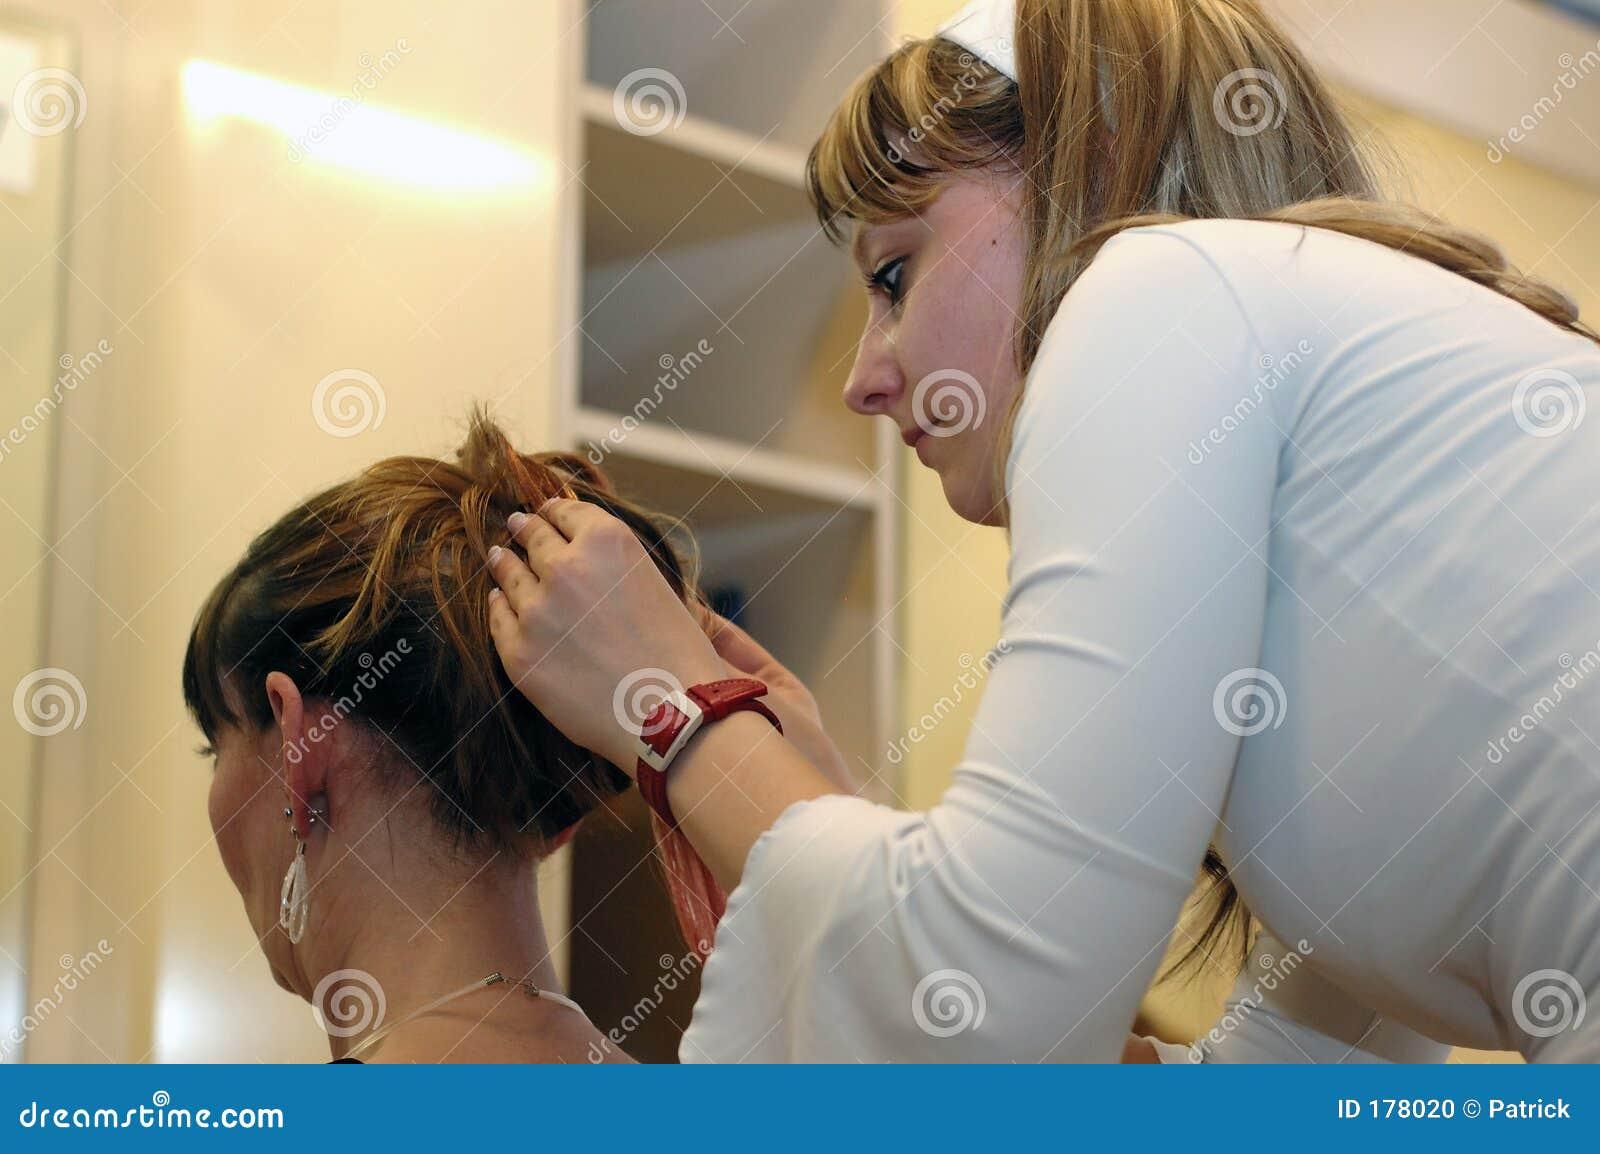 Apprettatrice dei capelli.